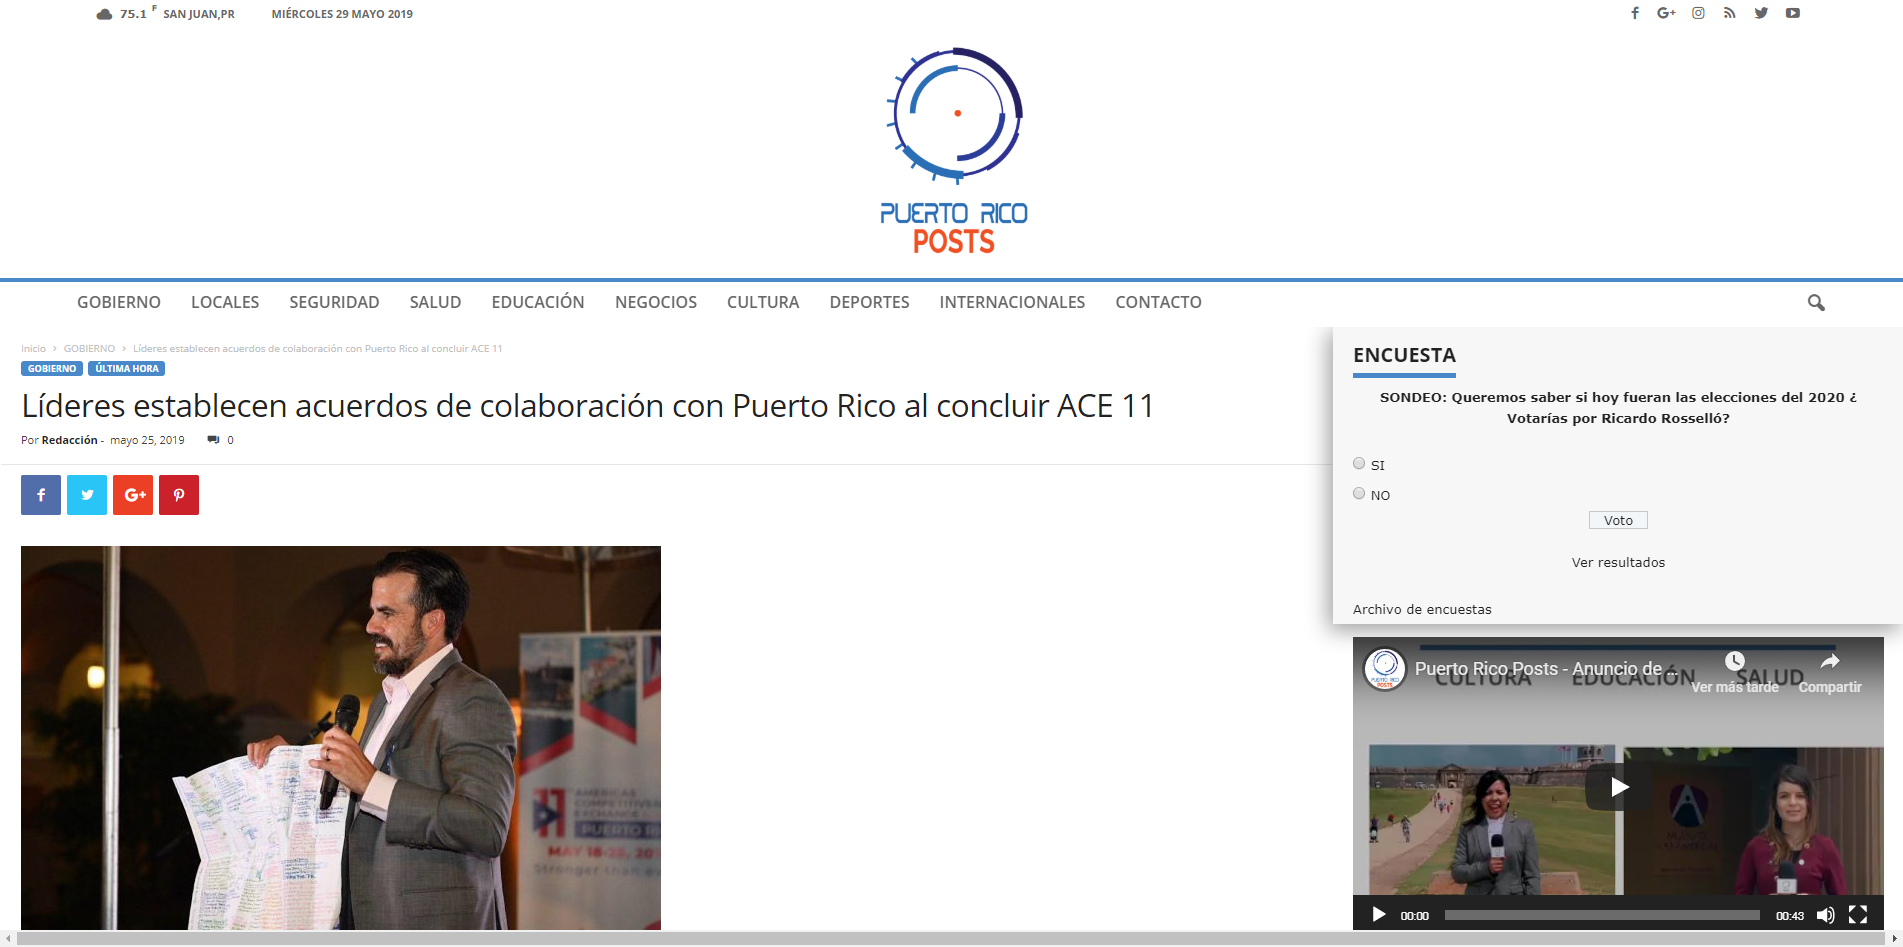 """""""Líderes Establecen Acuerdos de Colaboración con Puerto Rico al Concluir ACE 11"""", Puerto Rico Post, May 25, 2019,"""